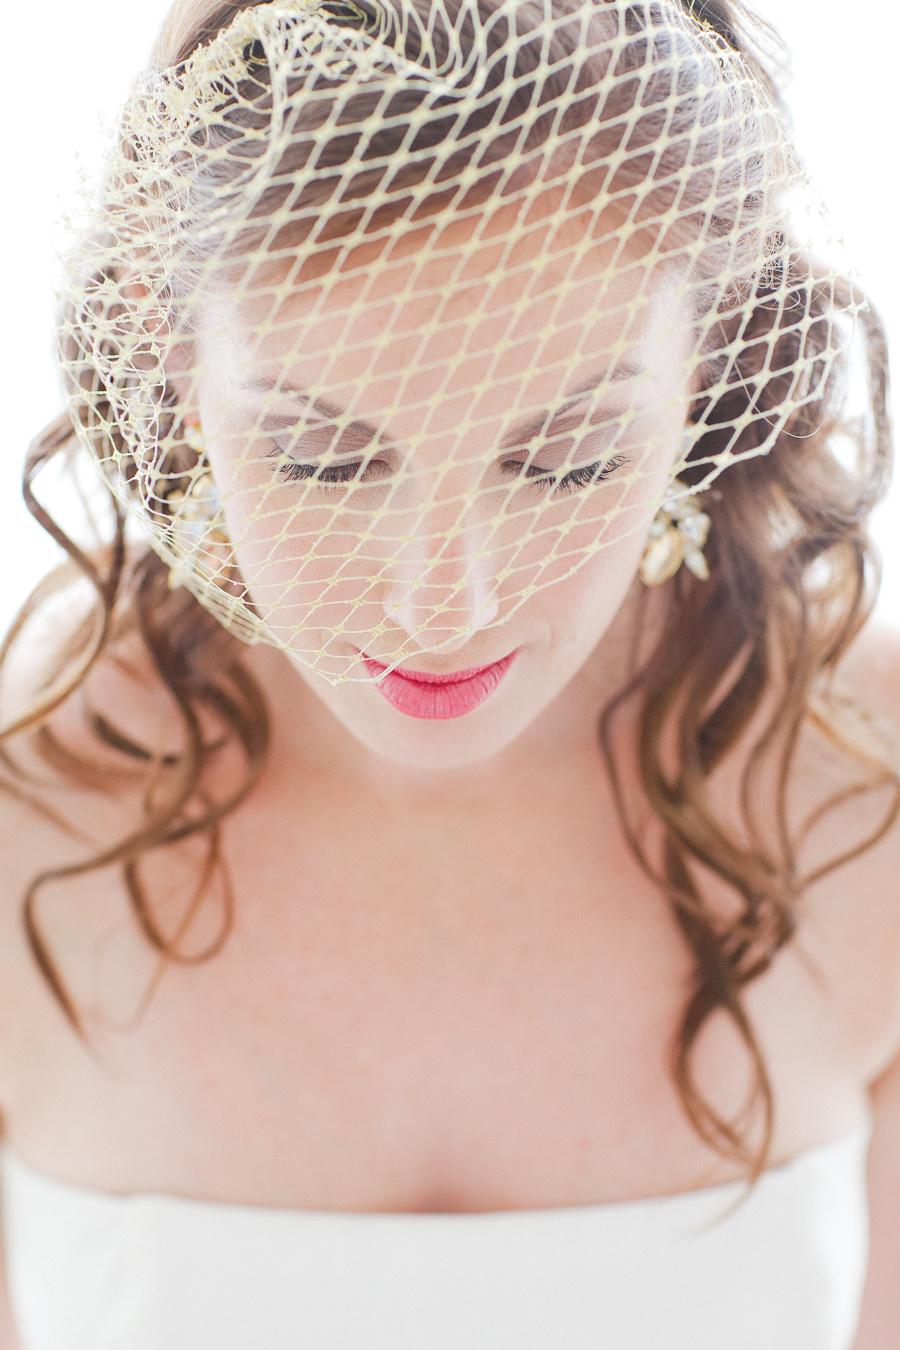 stylish toowoomba wedding photographed by ck metro photos : chic